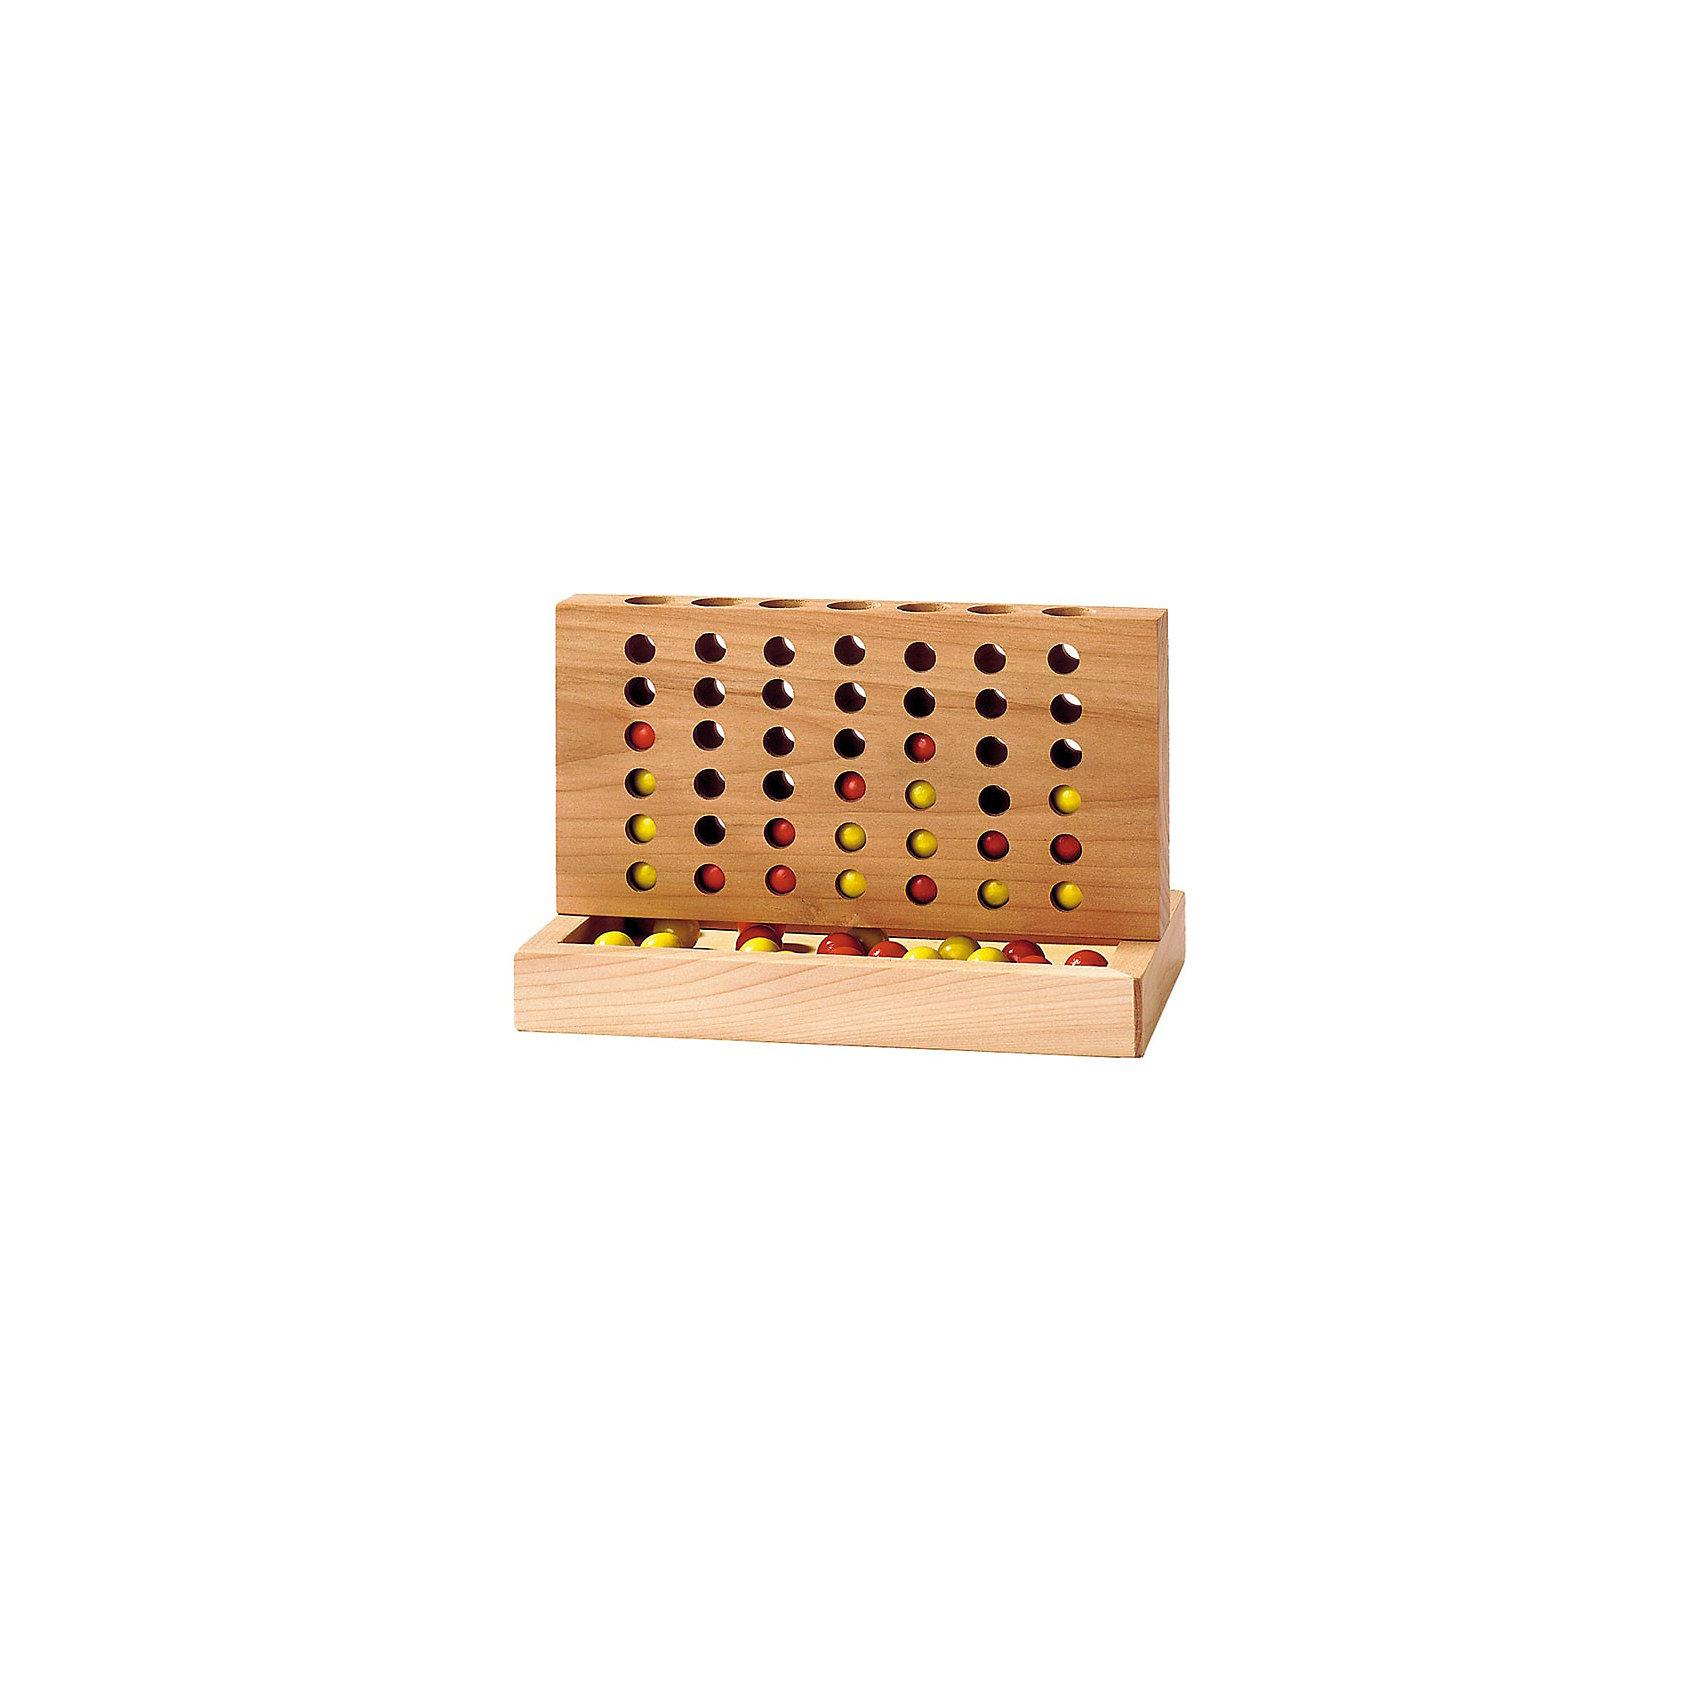 Игра Четыре в ряд, TOYS PUREИгра Четыре в ряд, TOYS PURE<br><br>Характеристики:<br><br>• развивает логическое мышление <br>• количество игроков: 2<br>• в комплекте: 21 желтый шарик, 21 красный шарик, доска<br>• материал: дерево <br>• размер: 8,5х15,5 см<br><br>Четыре в ряд - увлекательная игра для двоих. Цель игры - первым составить горизонтальную или вертикальную линию из четырех шариков своего цвета. При этом стоит мешать противнику создавать свои линии. Игрушка изготовлена из дерева и покрыта безопасными для ребенка красками. Эта игра поможет развить логику и мелкую моторику ребенка. Четыре в ряд - прекрасный вариант для семейной игры!<br><br>Игру Четыре в ряд, TOYS PURE можно купить в нашем интернет-магазине.<br><br>Ширина мм: 85<br>Глубина мм: 155<br>Высота мм: 60<br>Вес г: 240<br>Возраст от месяцев: 60<br>Возраст до месяцев: 1188<br>Пол: Унисекс<br>Возраст: Детский<br>SKU: 3321628